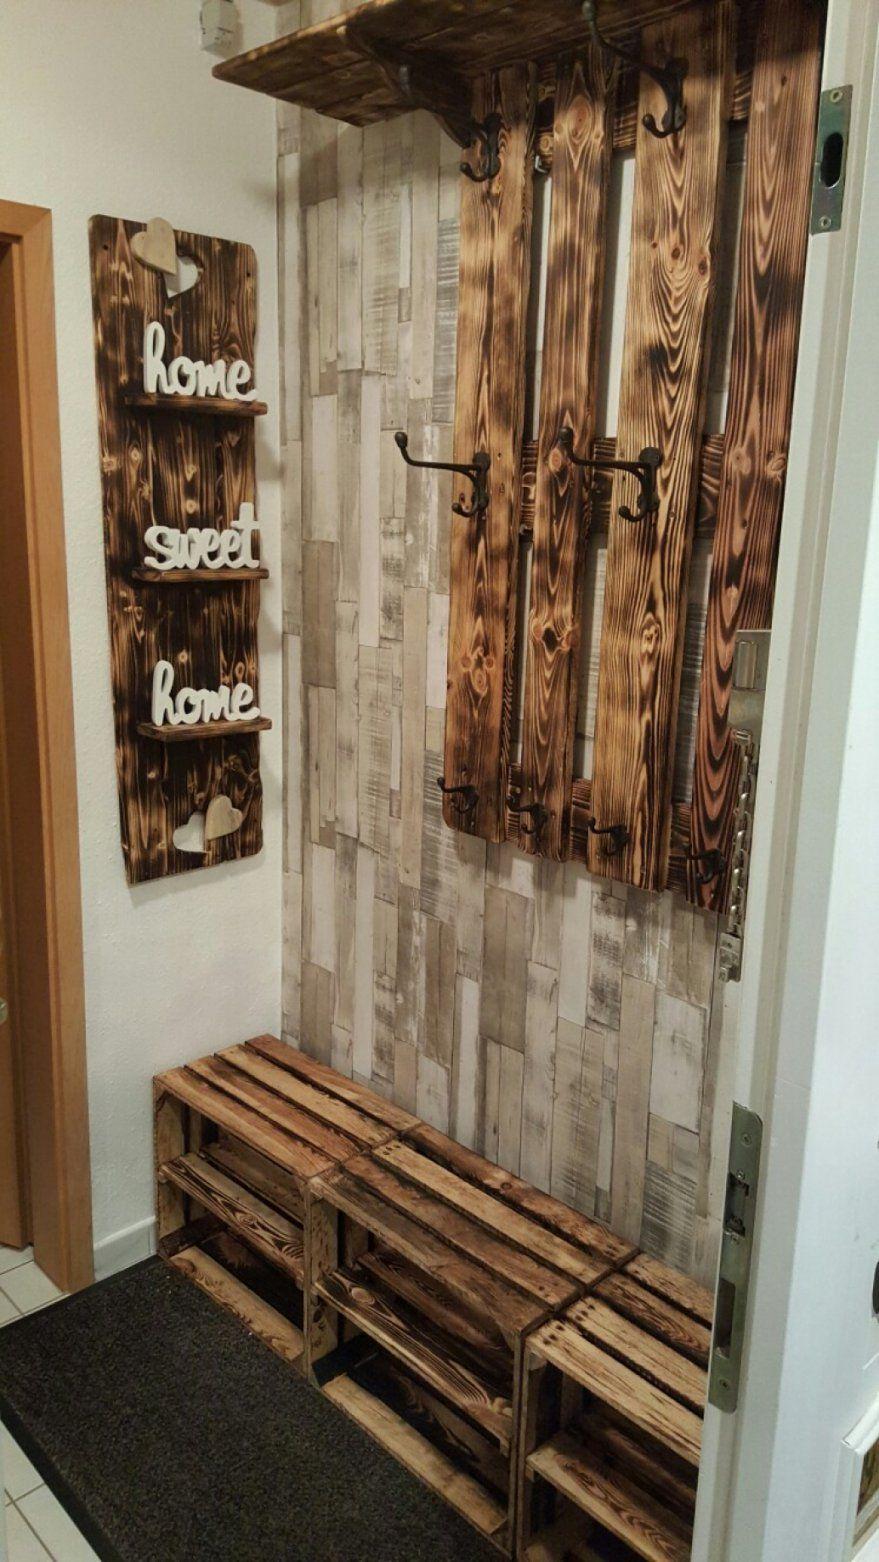 Wunderbar Schuhregal Aus Weinkisten Wand Accessoires Mit Garderobe von Schuhregal Selber Bauen Weinkisten Bild